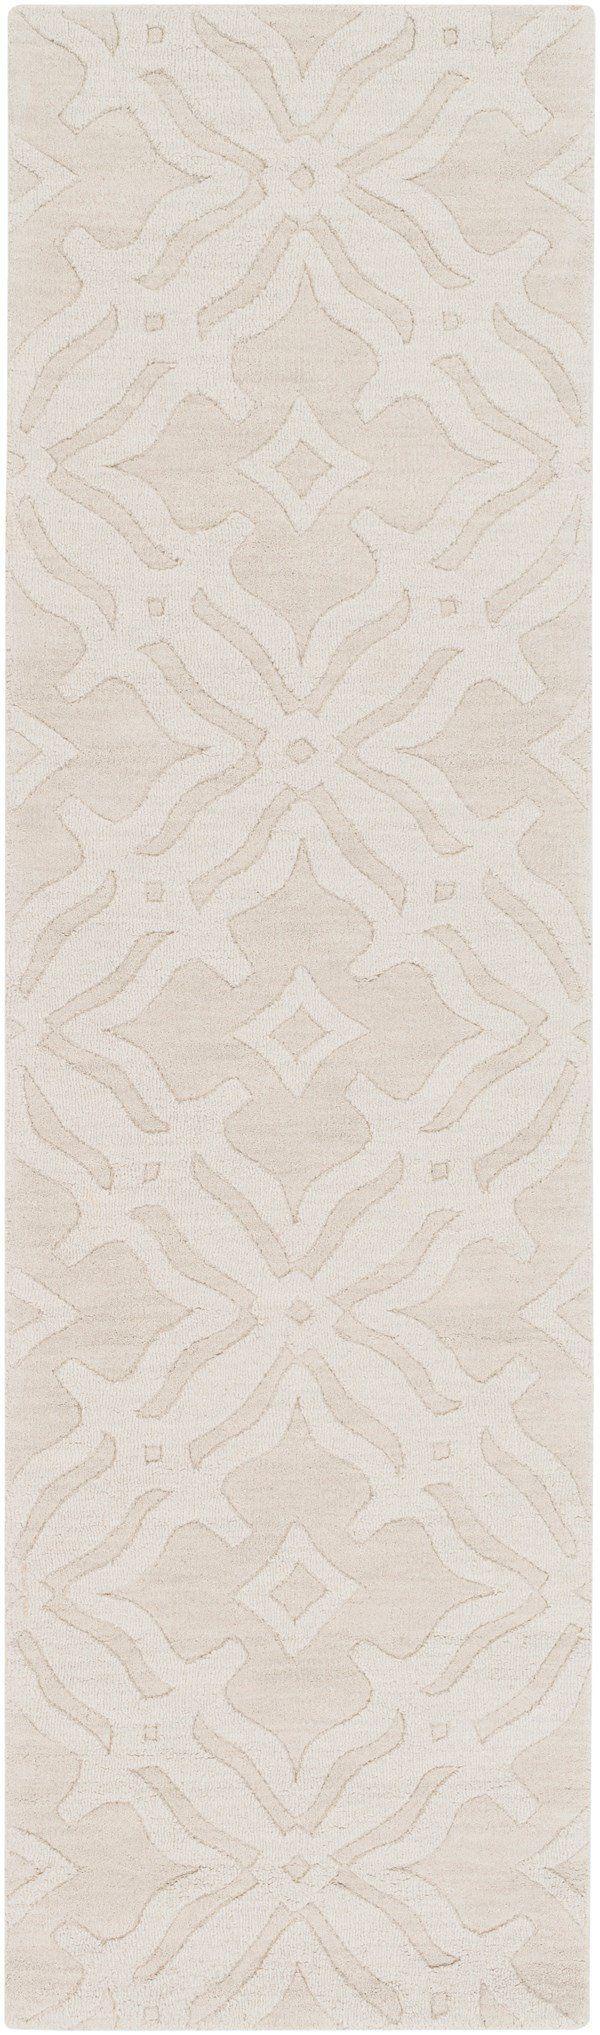 Surya Metro Ramona Rug Textured Solid Wool Area Rug Rugs Direct Rug Texture Wool Area Rugs Area Rugs